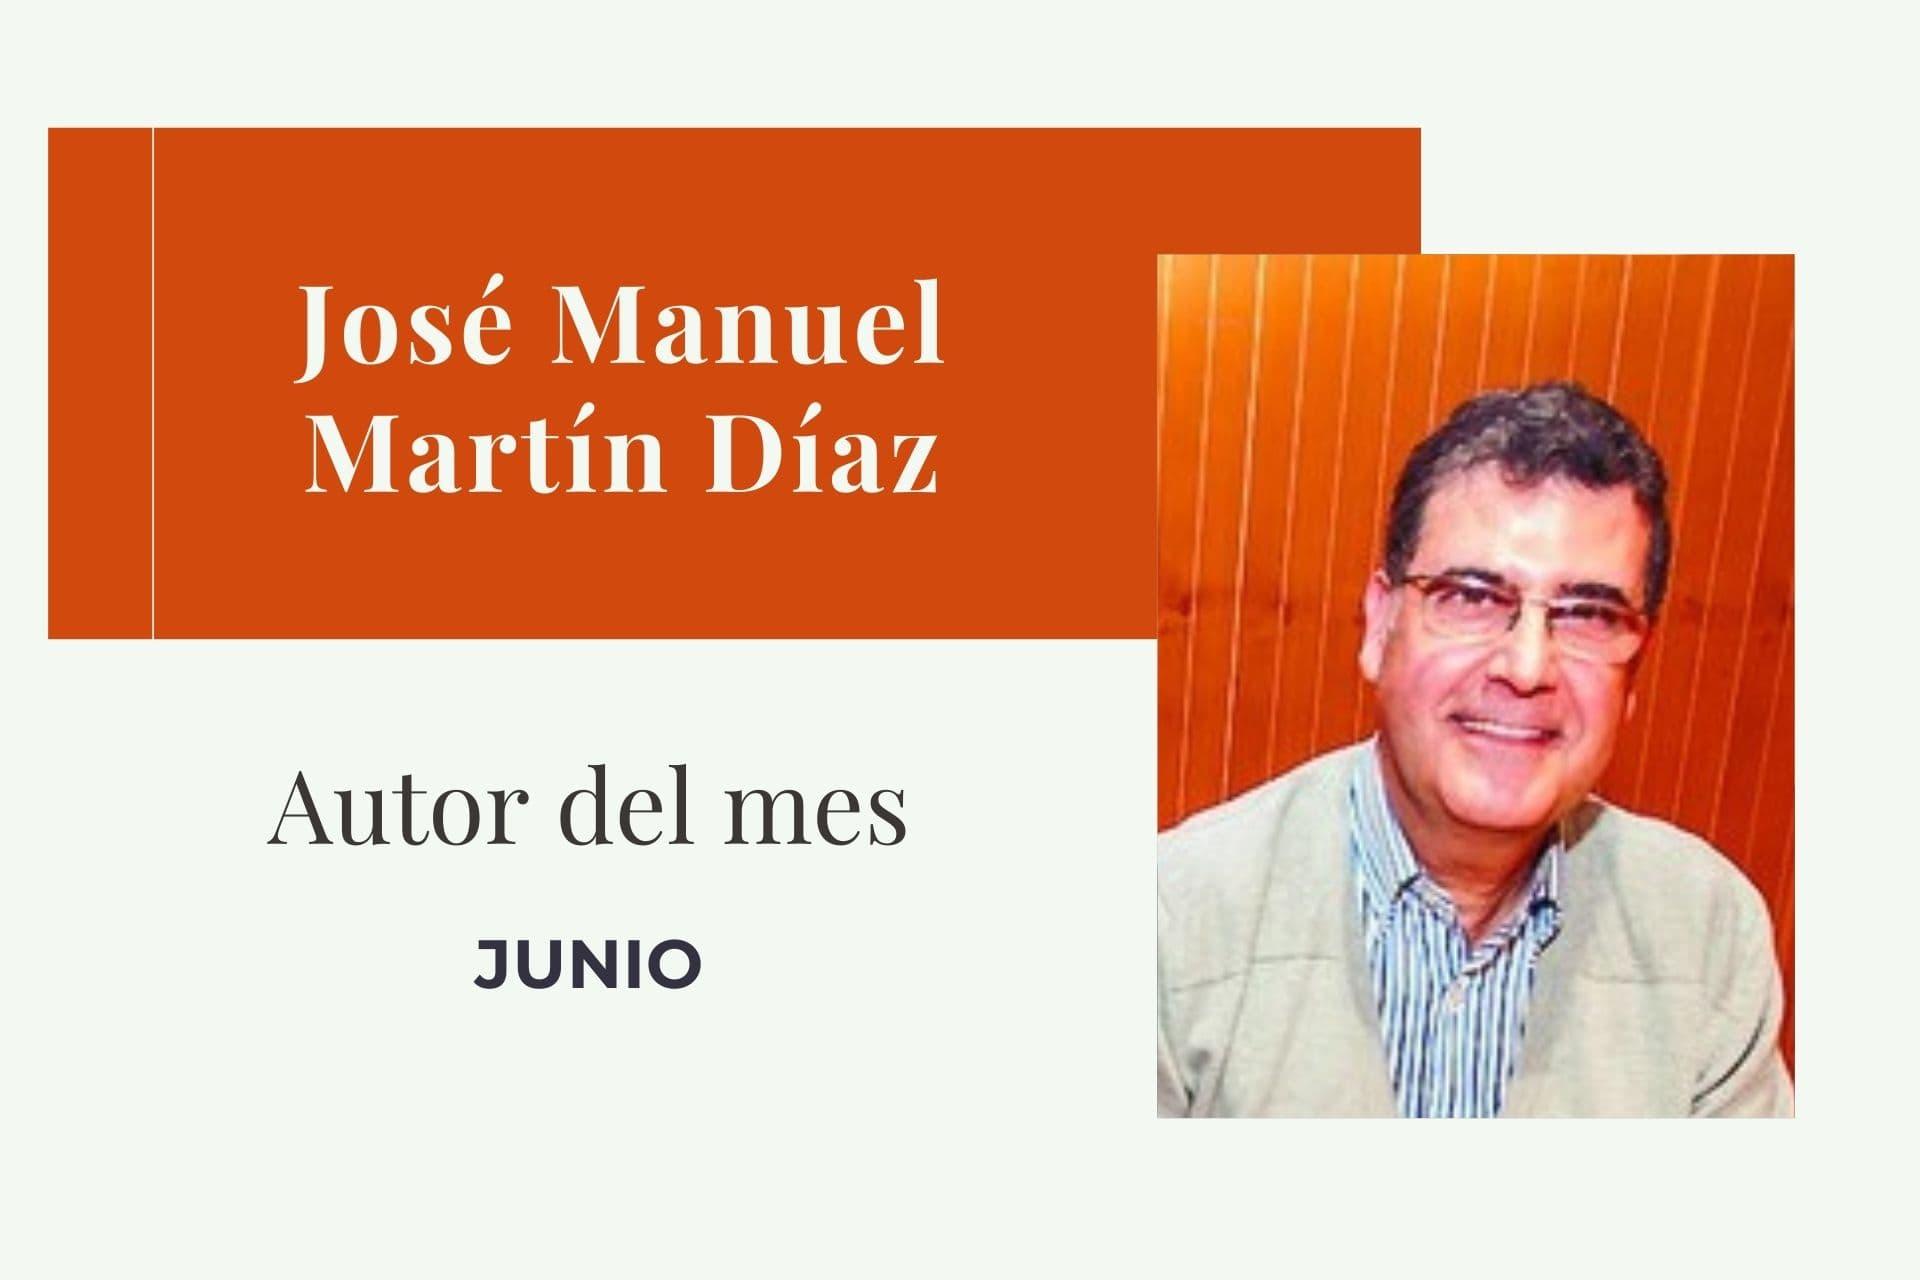 José Manuel Martín Díaz